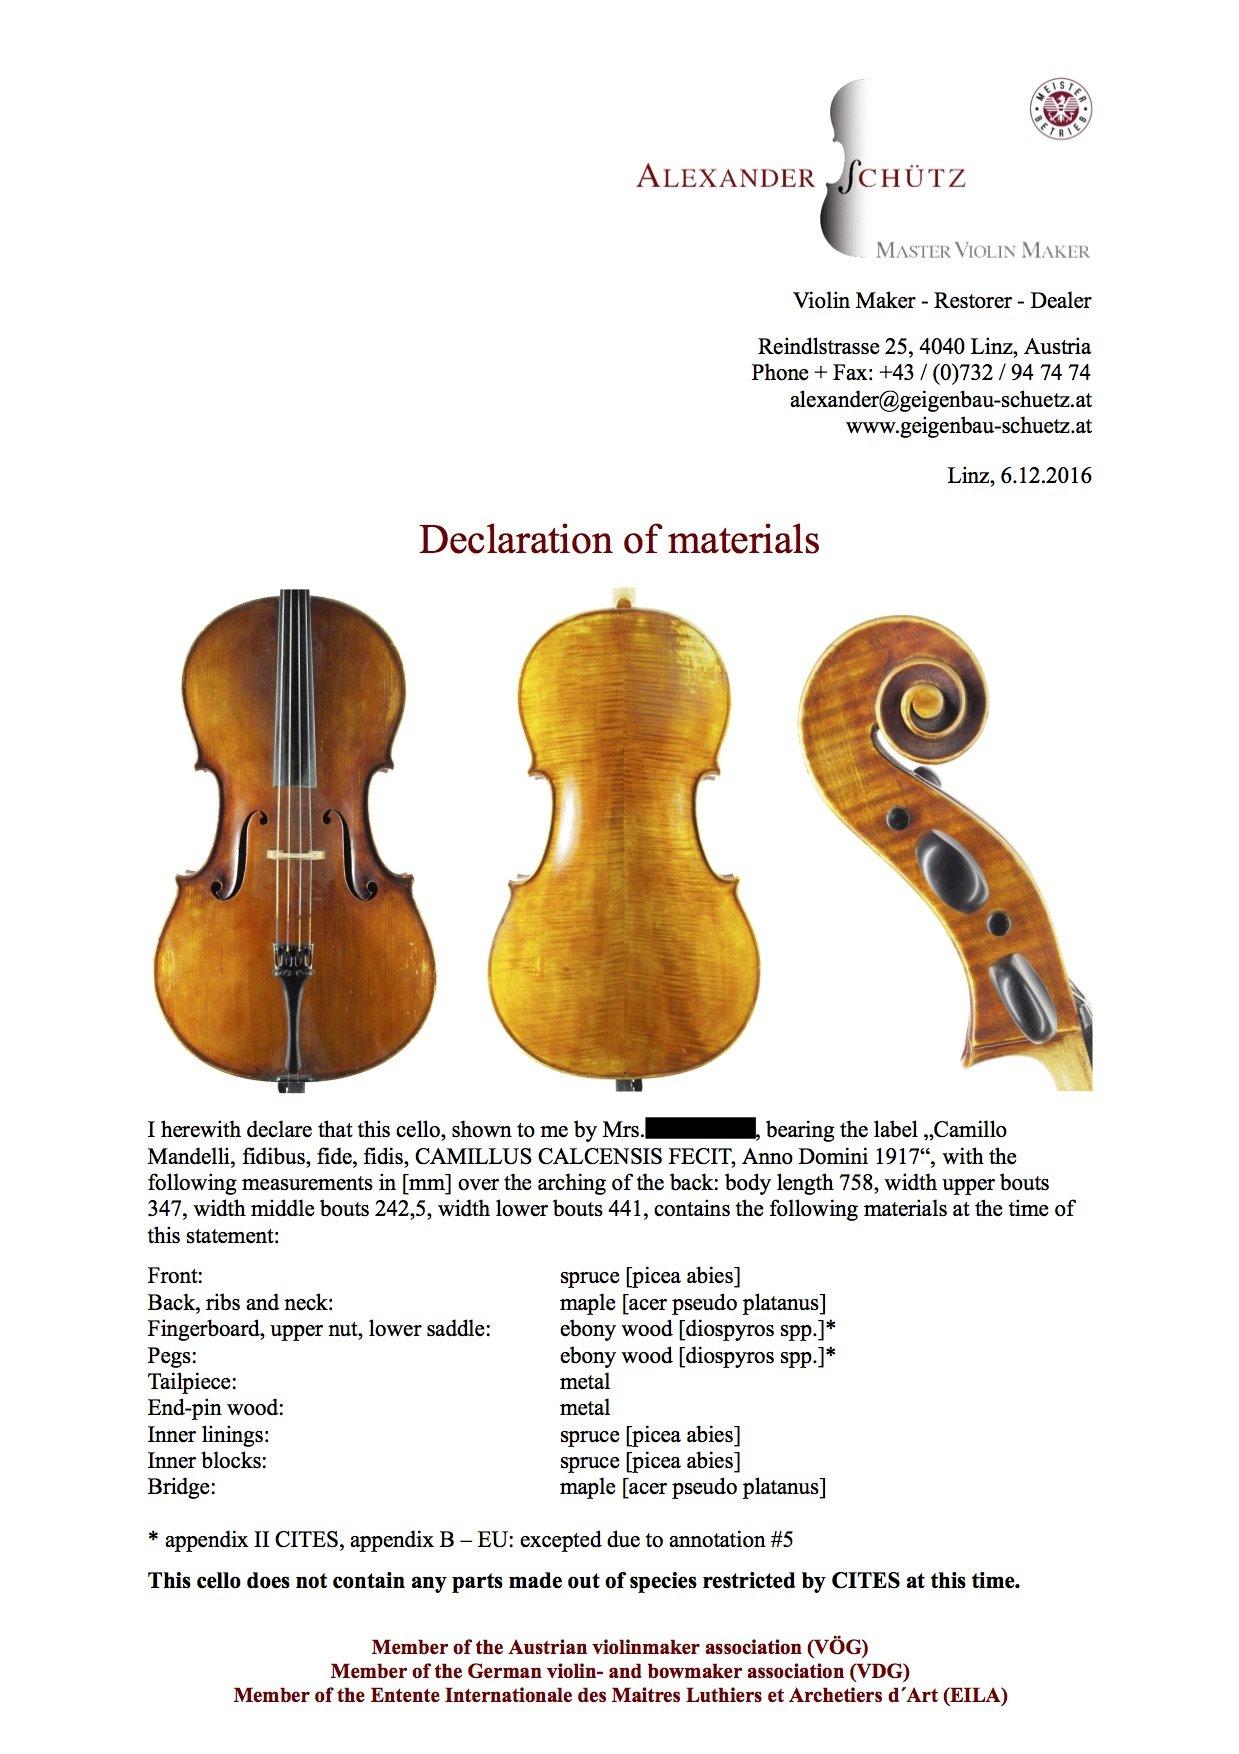 Artenschutz und Streichinstrumente – Begutachtung der Instrumente des Brucknerorchesters Linz für die USA Tournee im Februar 2017